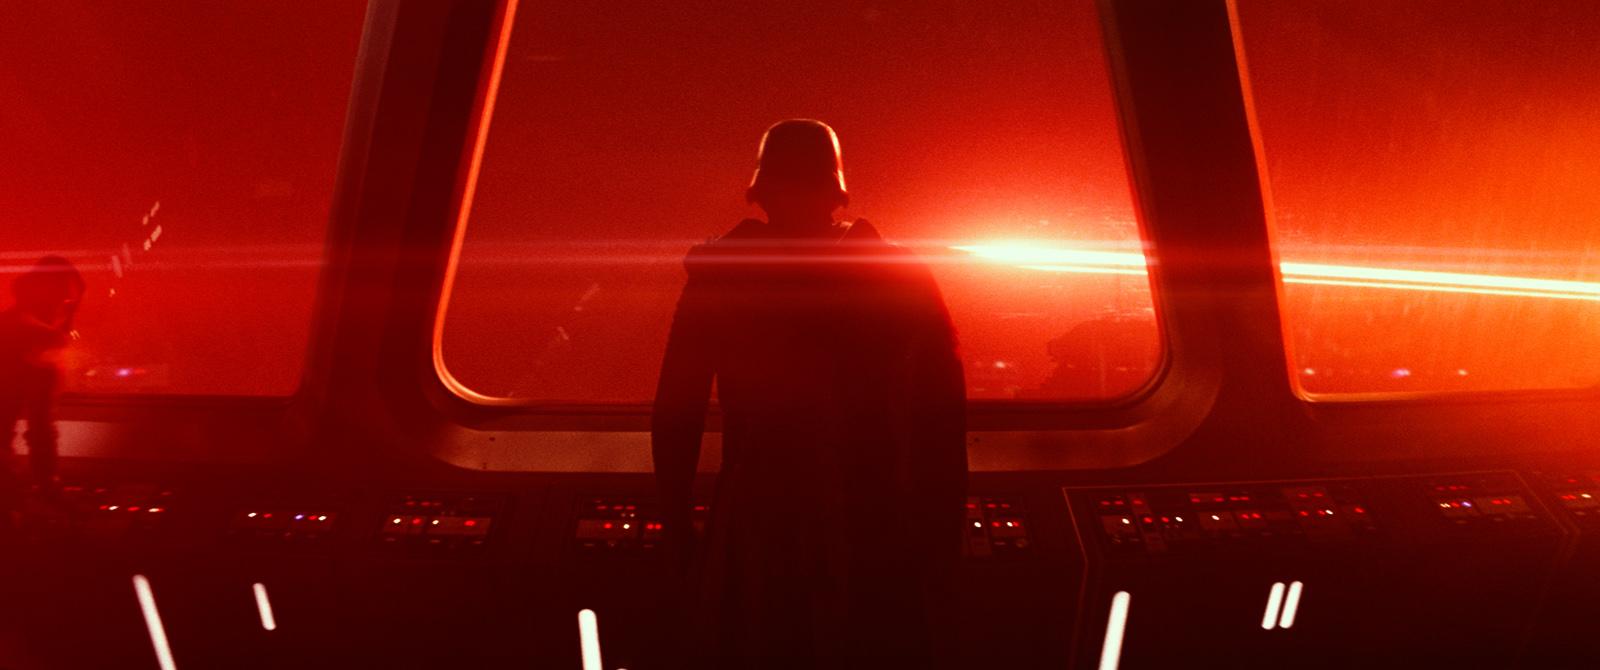 Star-Wars-Le-Réveil-de-la-Force-Kylo-Ren